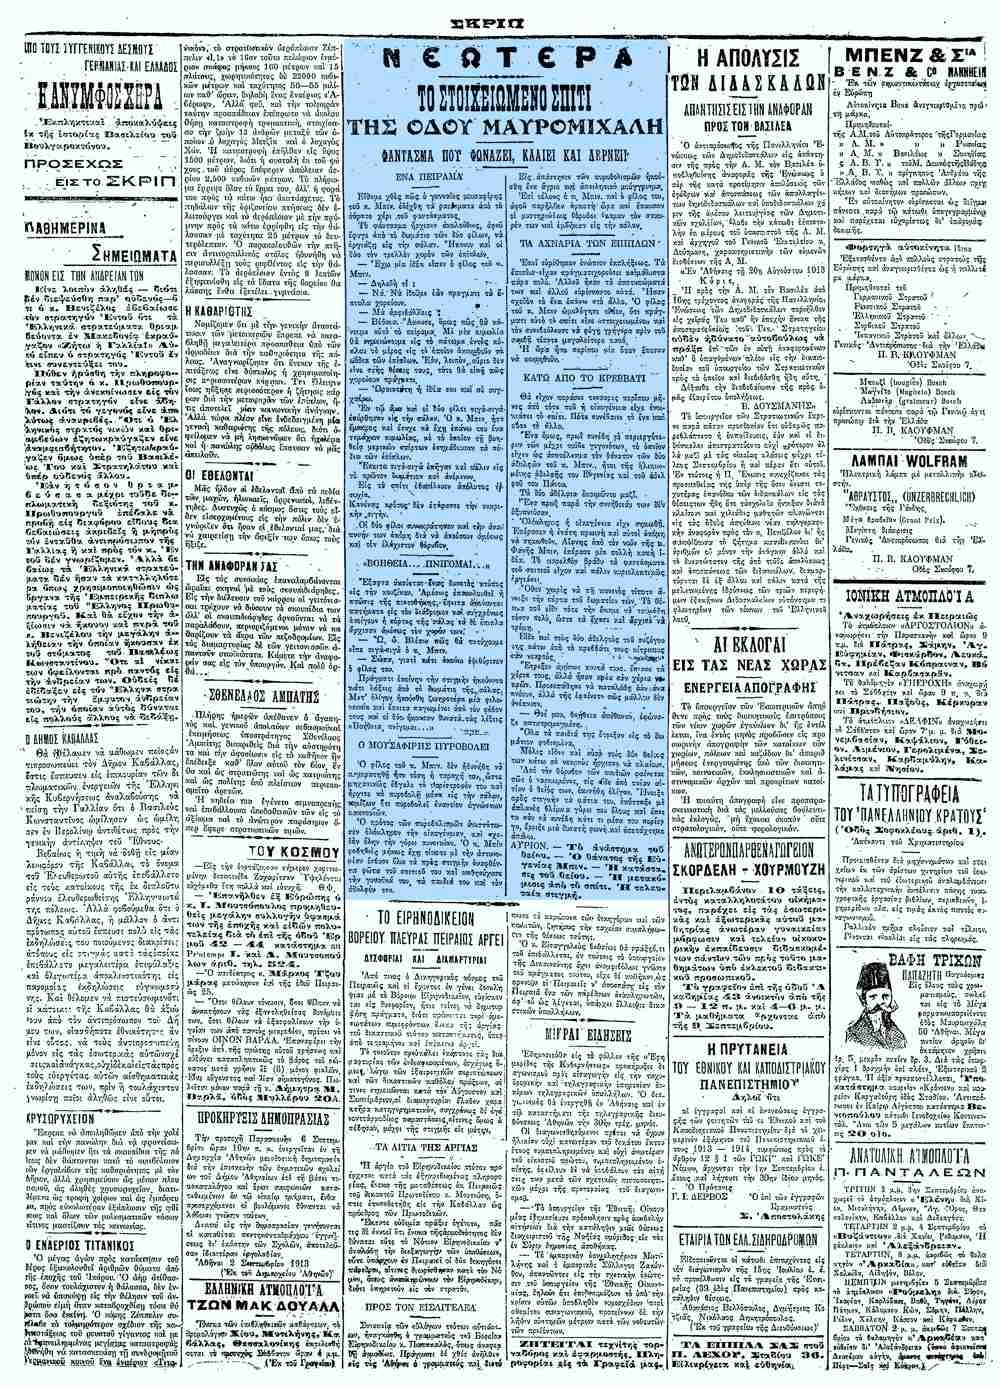 """Το άρθρο, όπως δημοσιεύθηκε στην εφημερίδα """"ΣΚΡΙΠ"""", στις 05/09/1913"""